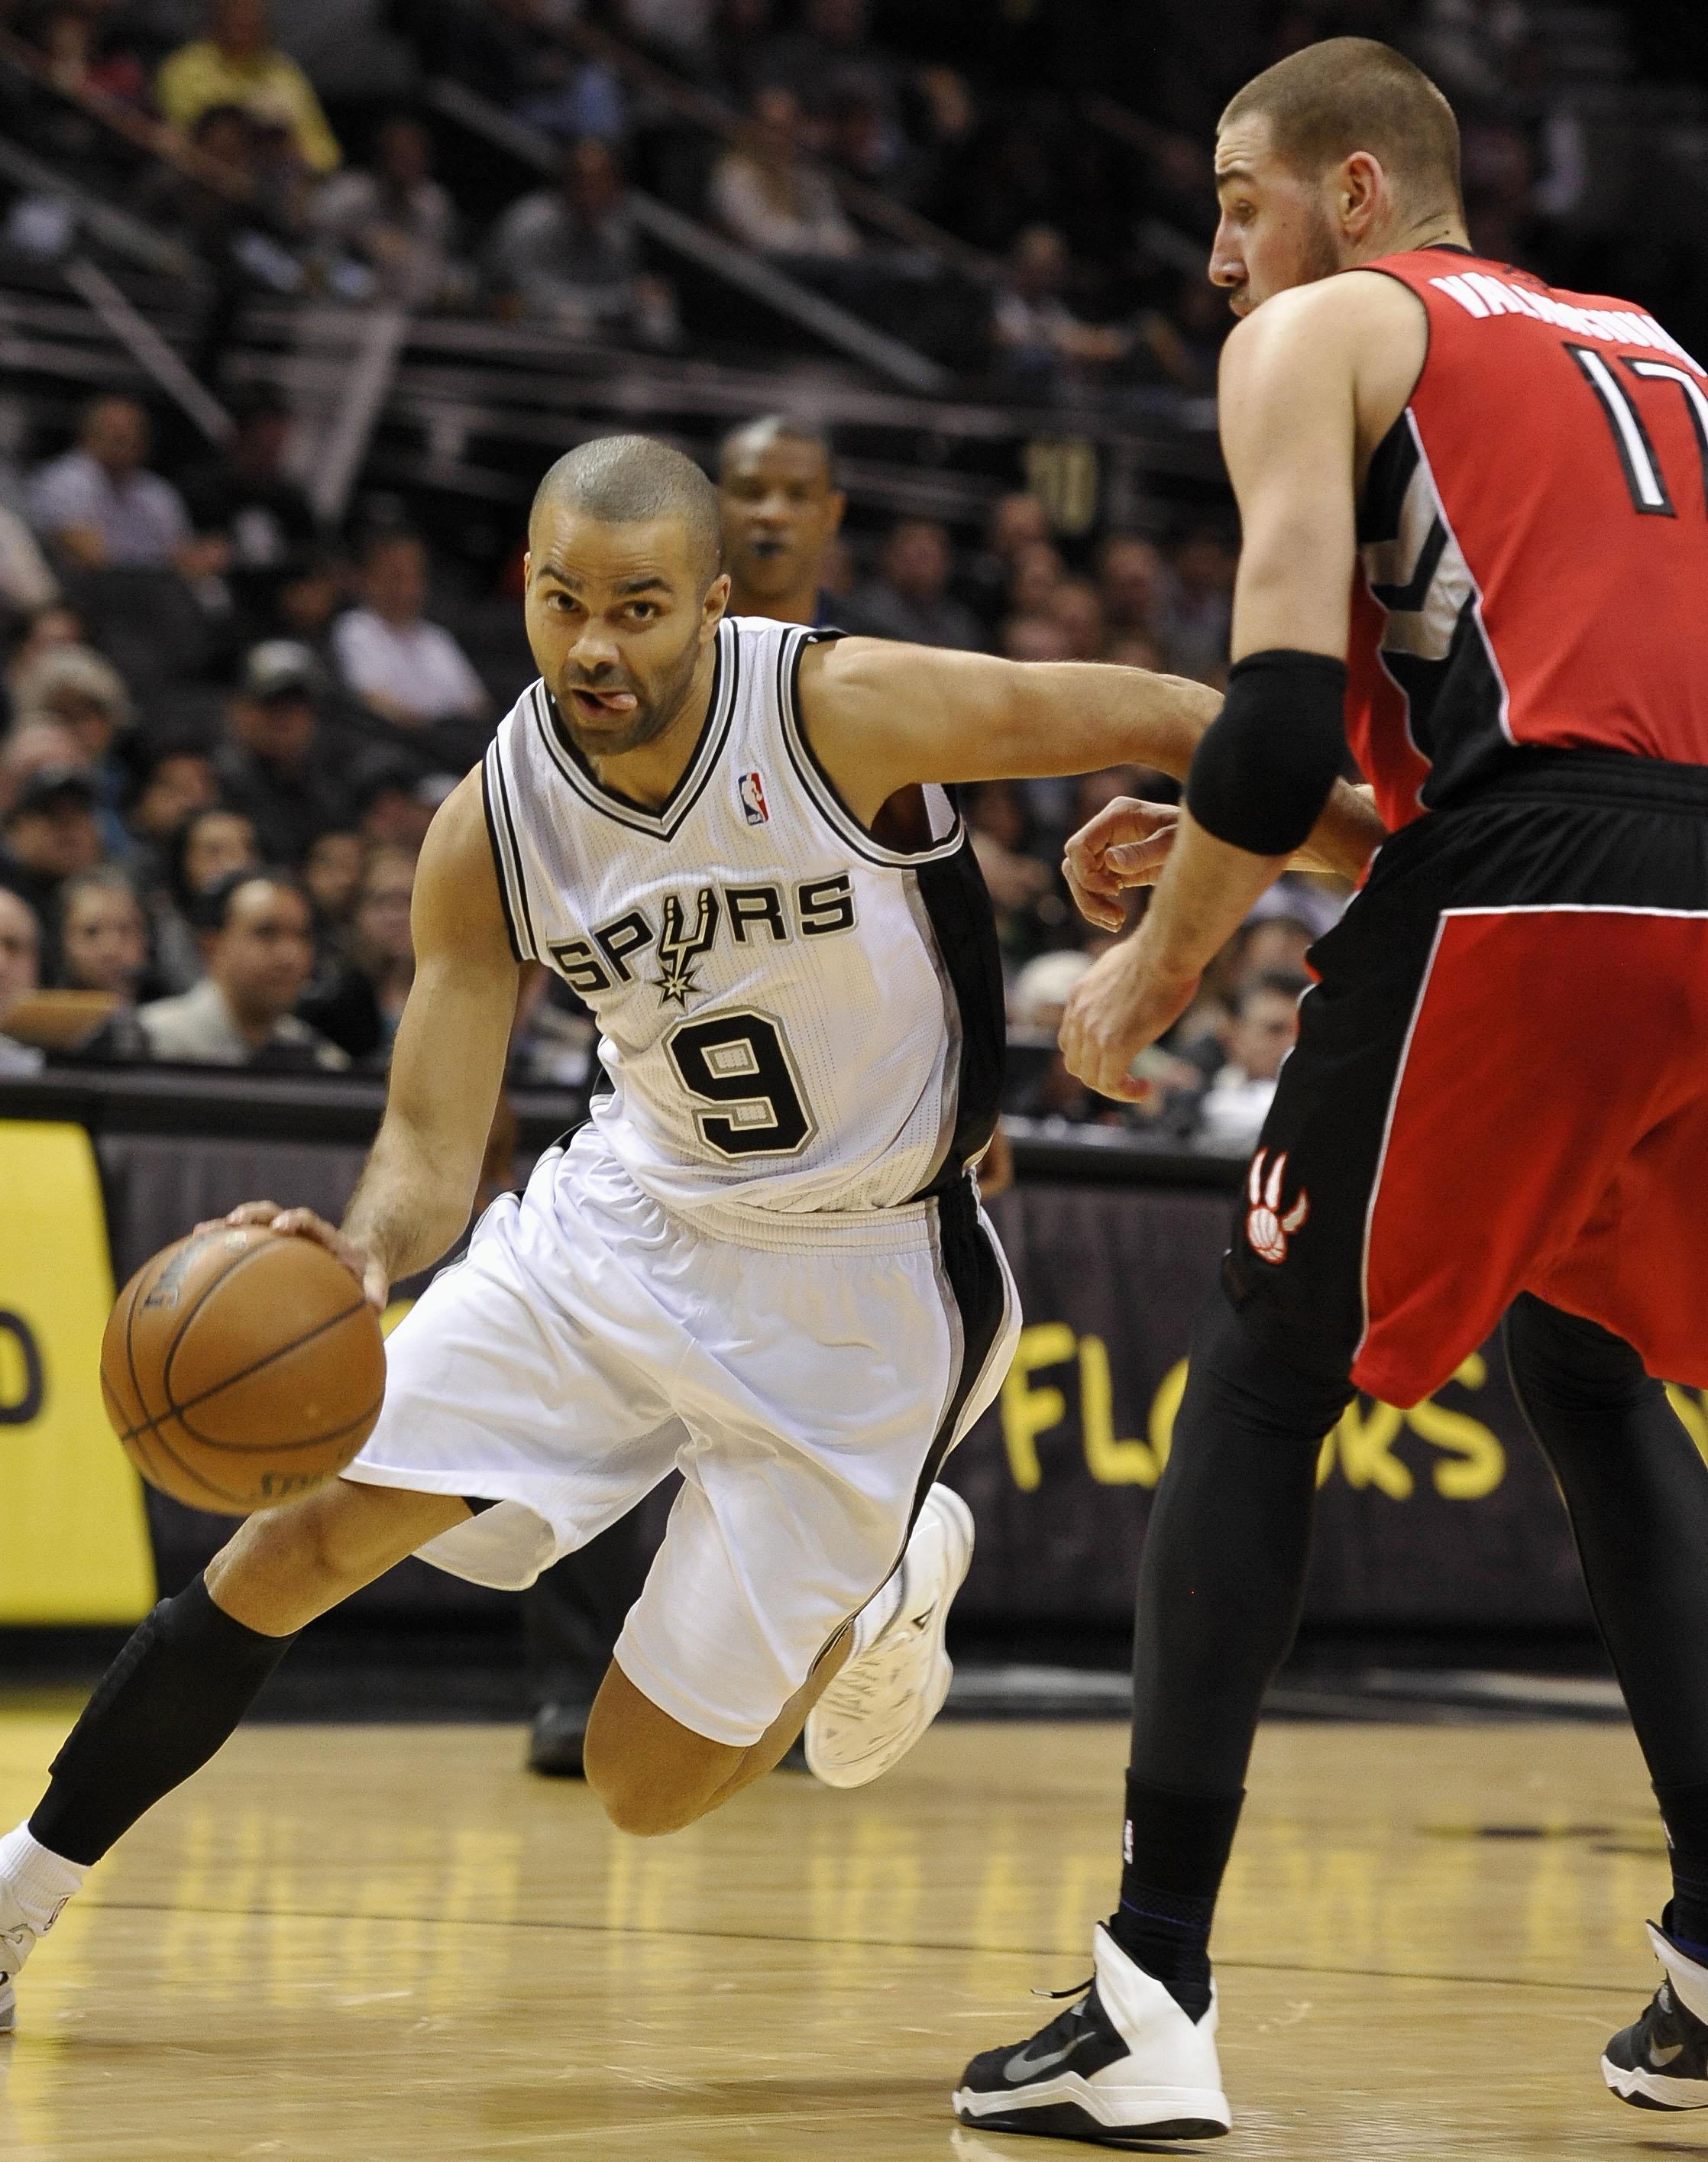 Parker scores 26 to help Spurs get past Raptors